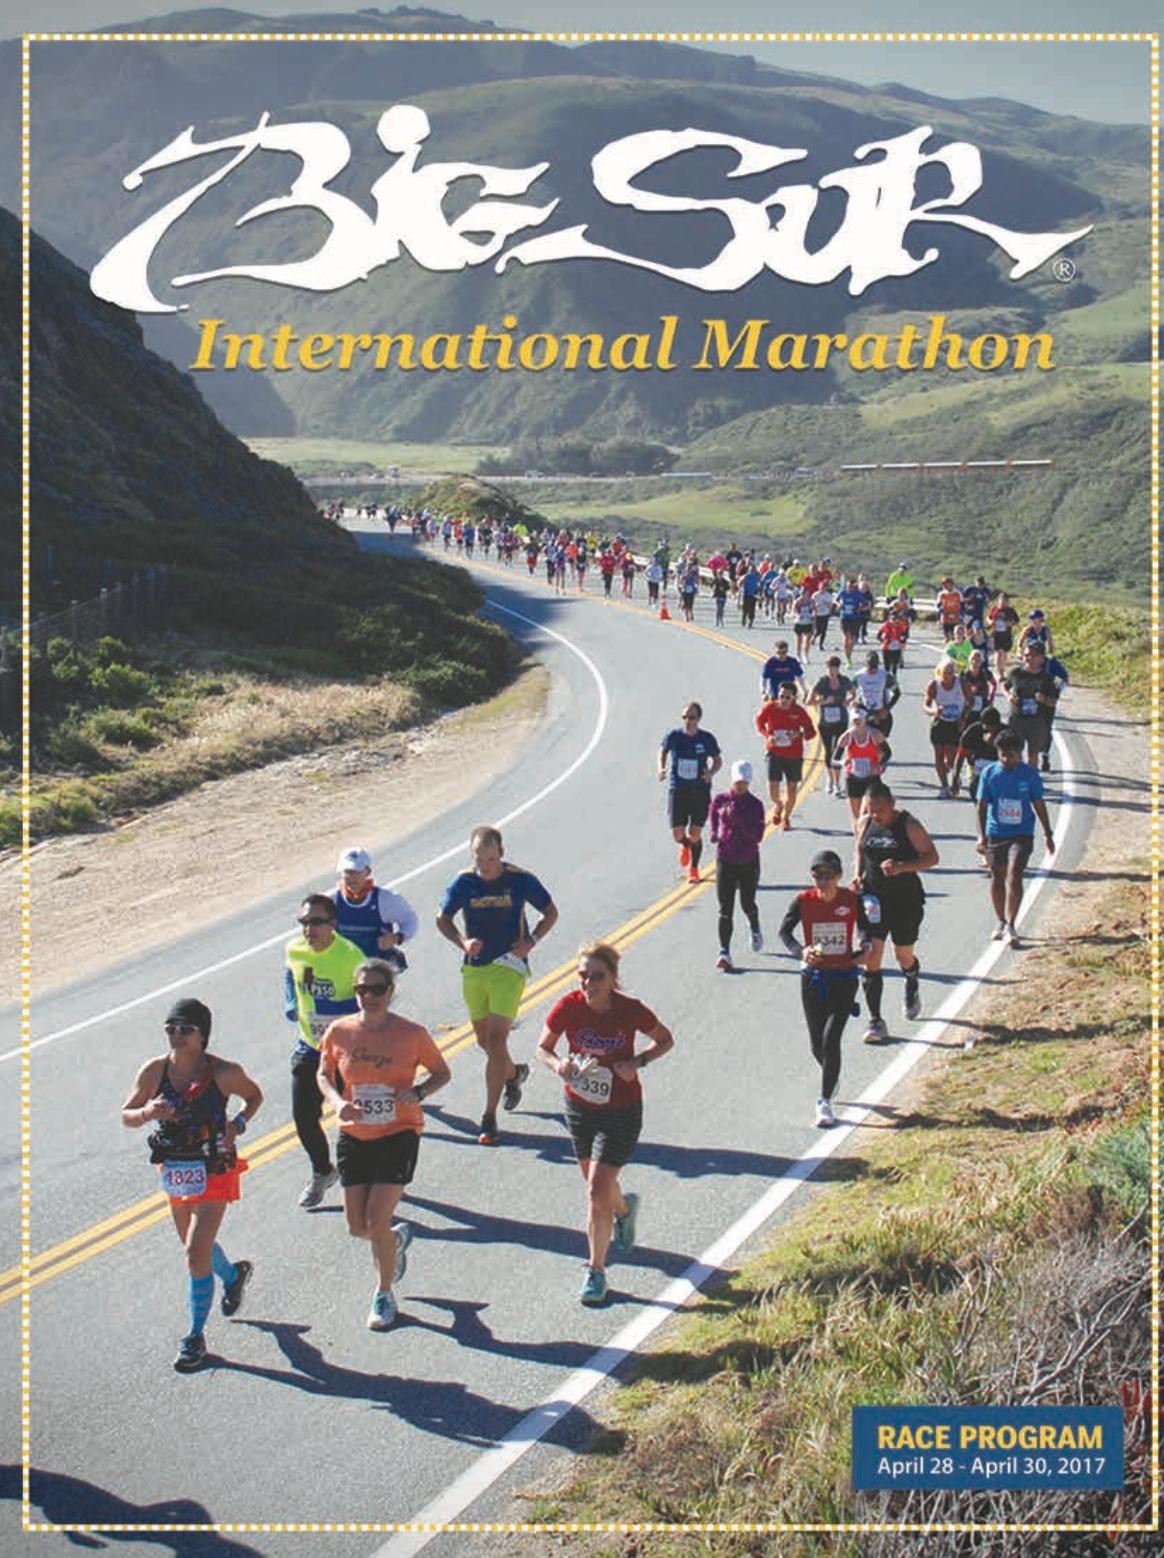 Big Sur International Marathon 2017